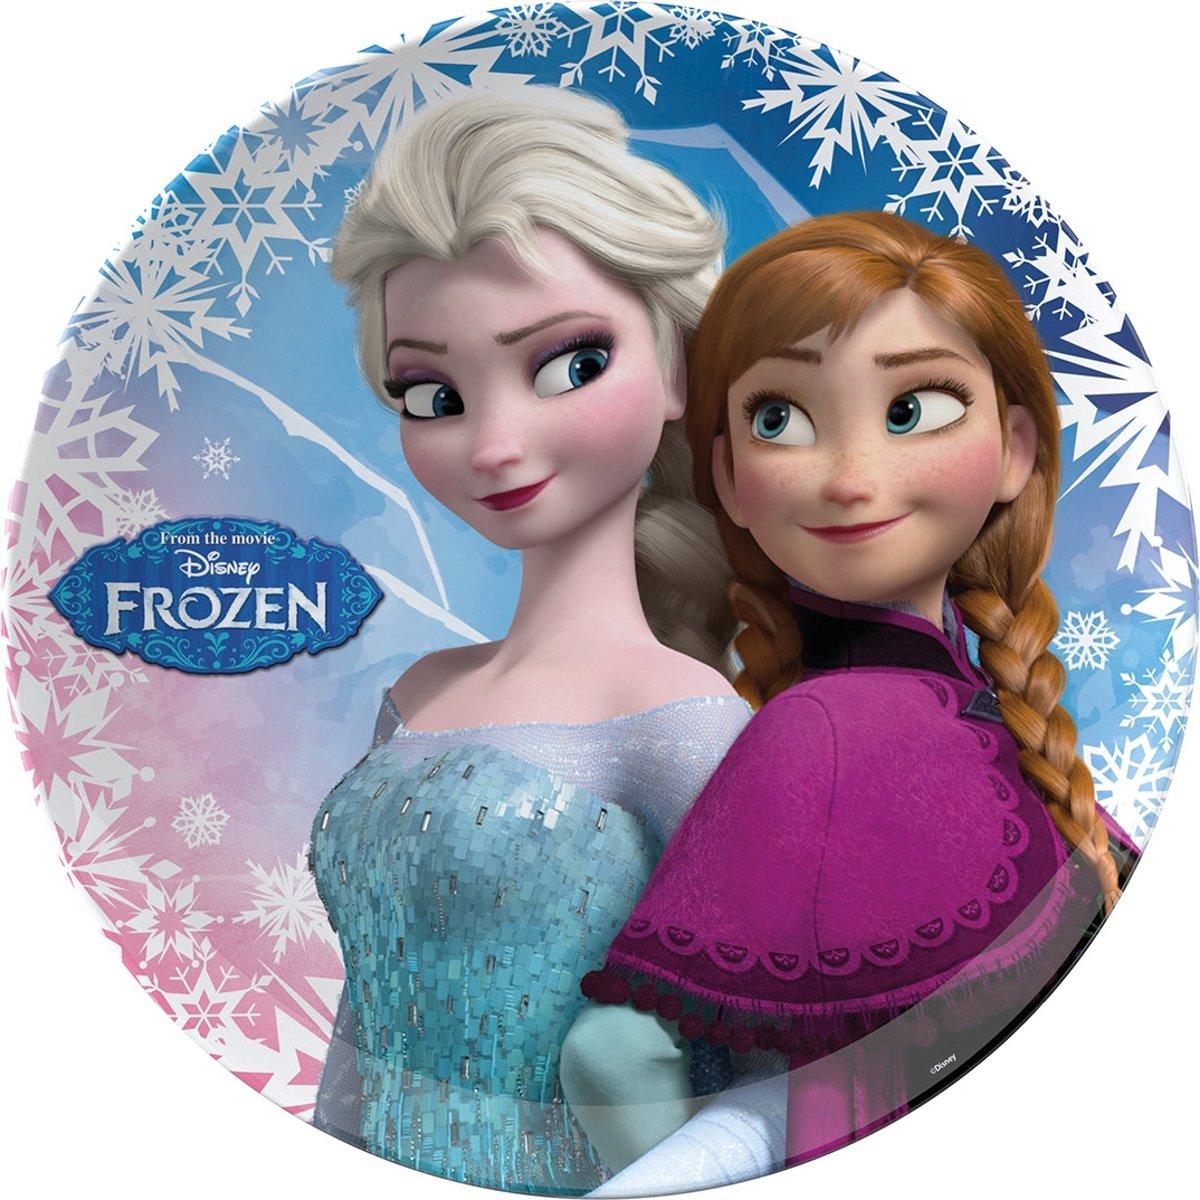 Frozen Melamine Bord Plat 22cm kopen